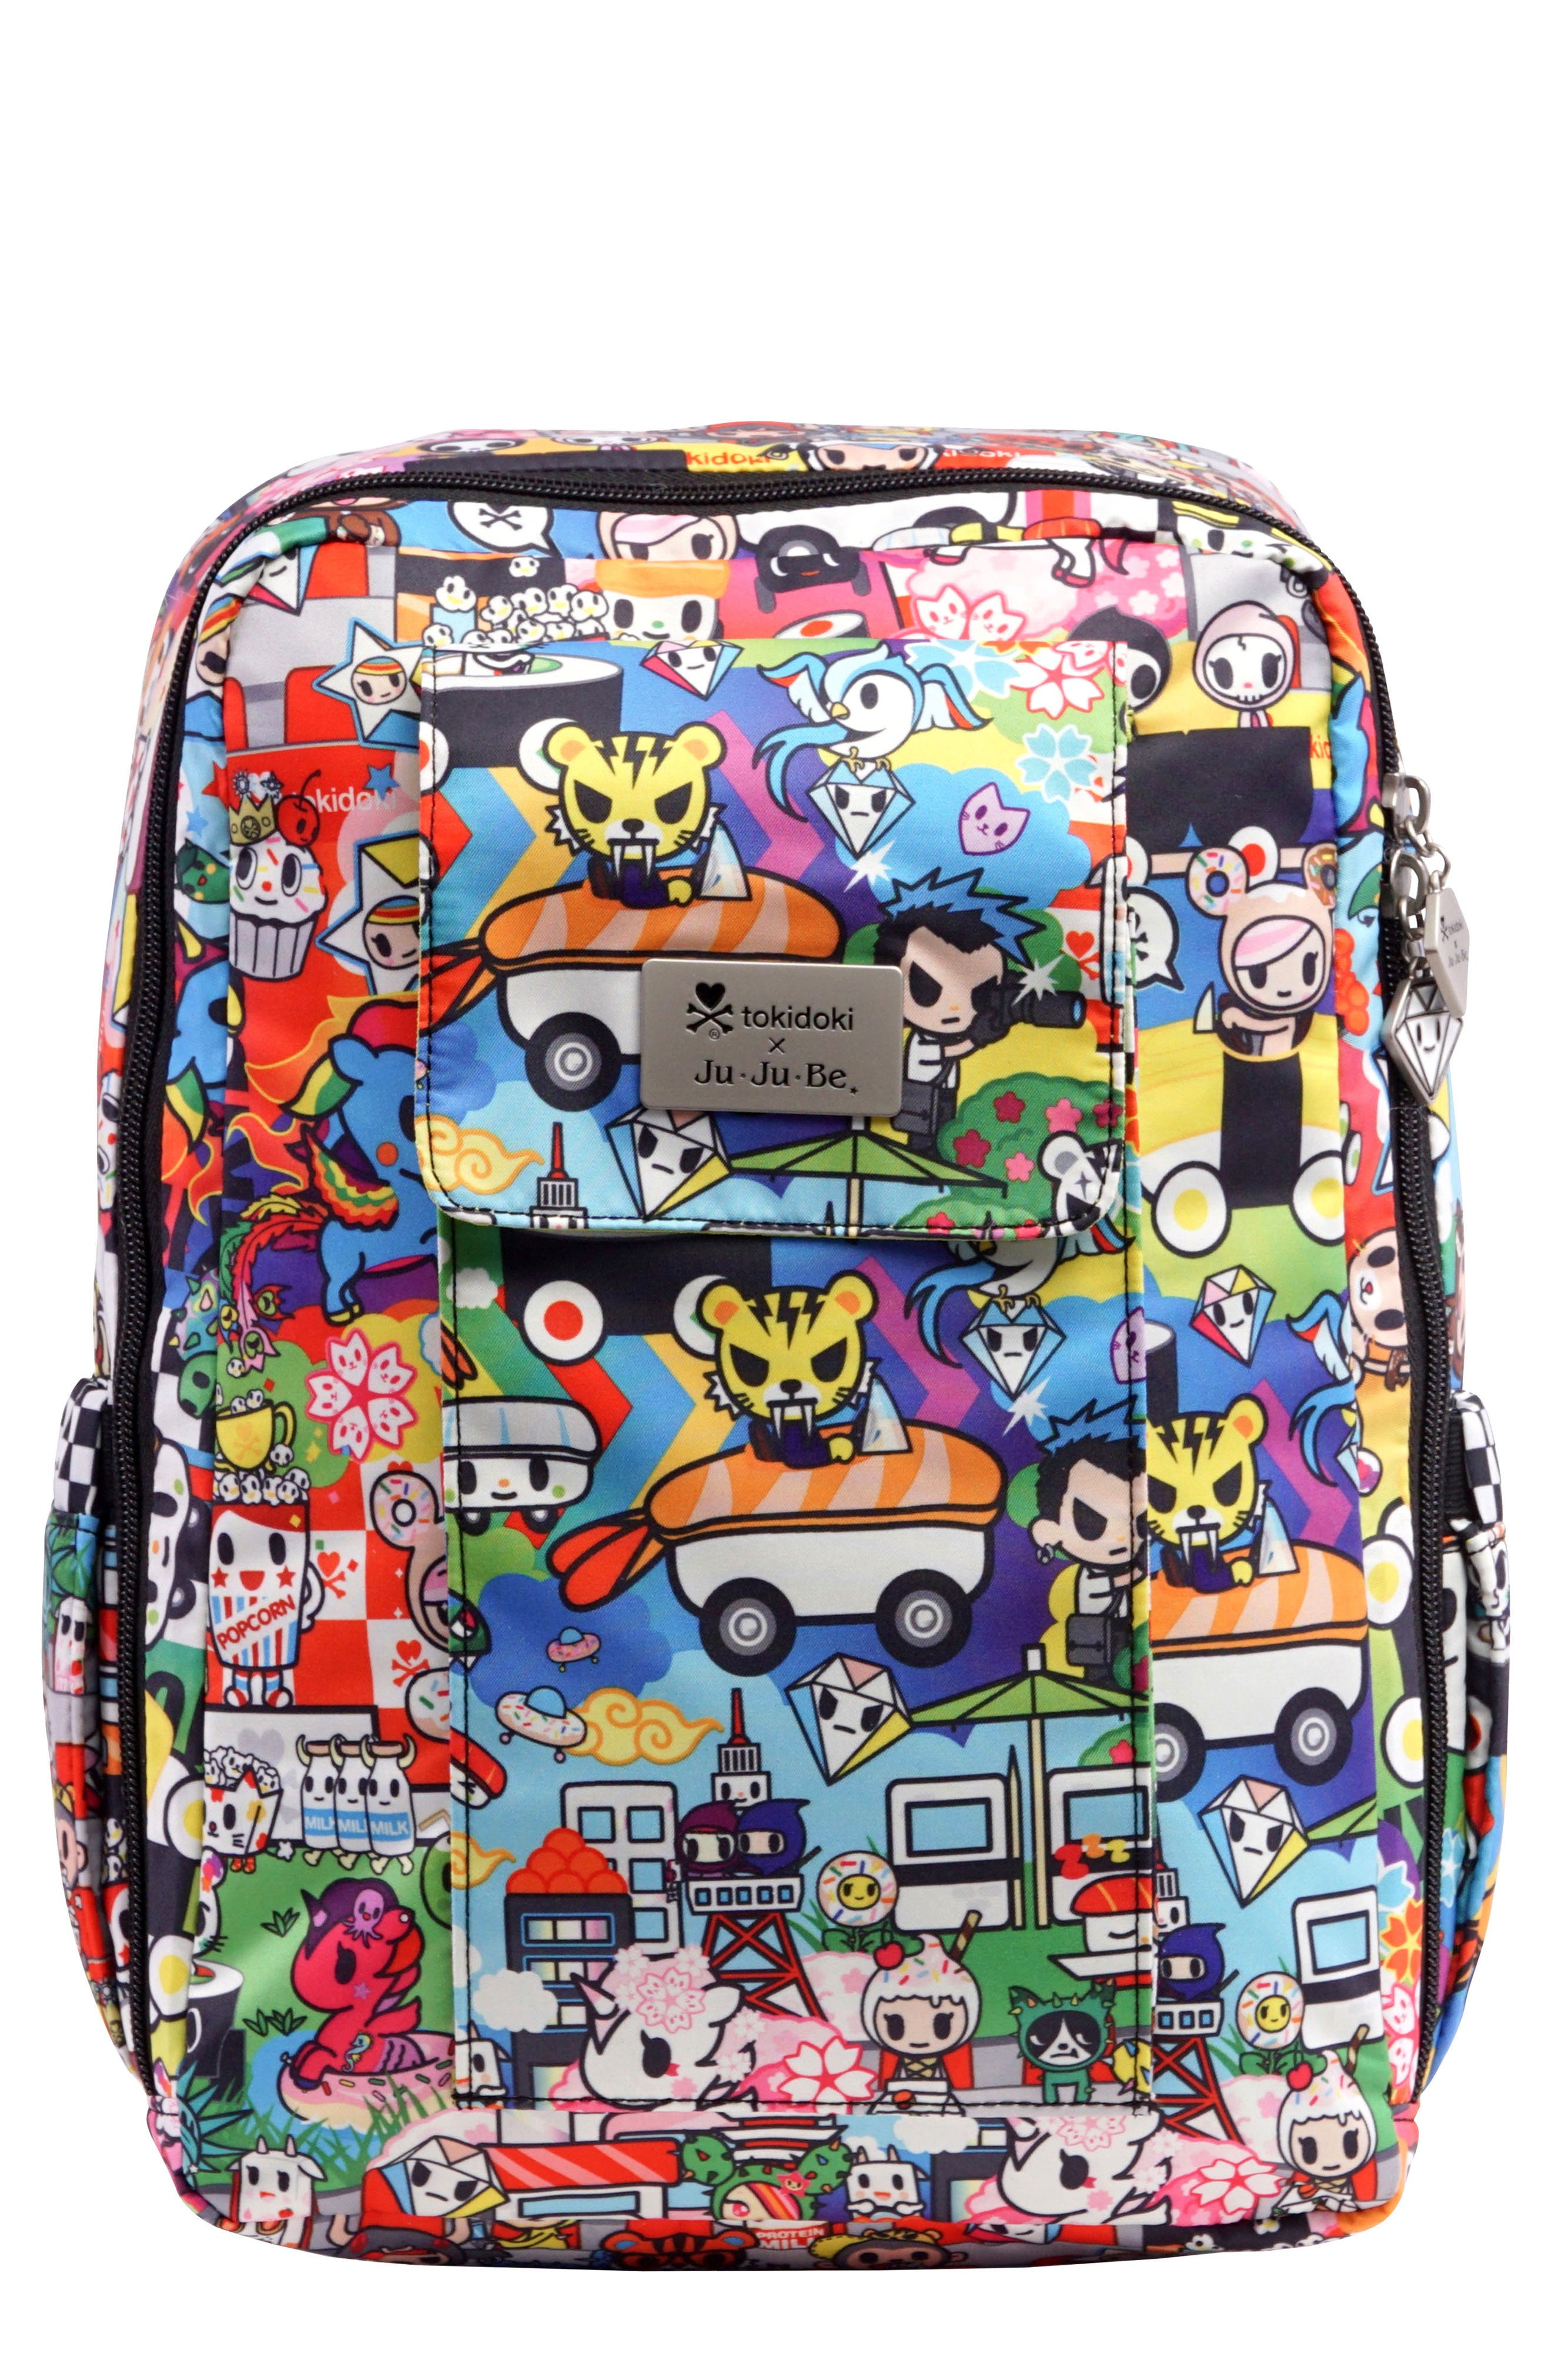 tokidoki x Ju-Ju-Be 'Mini Be' Backpack,                             Main thumbnail 1, color,                             SUSHI CARS